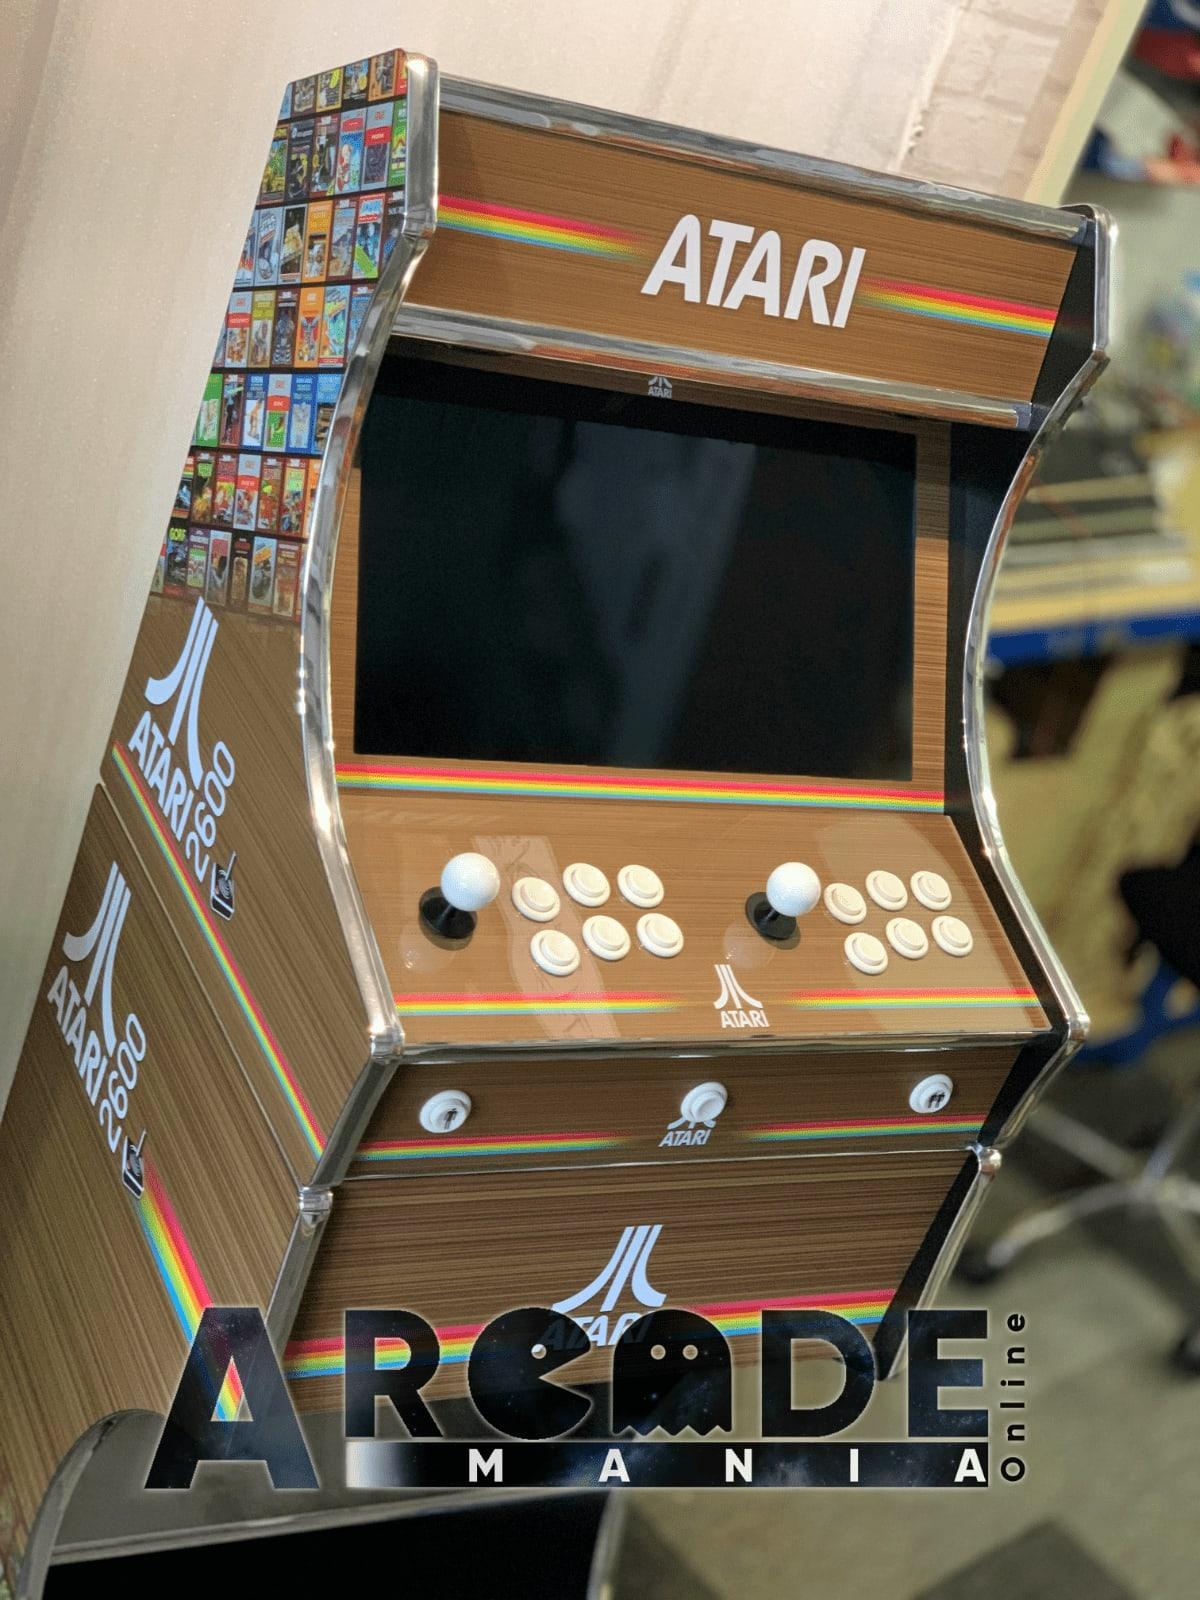 Atari Arcade Machine